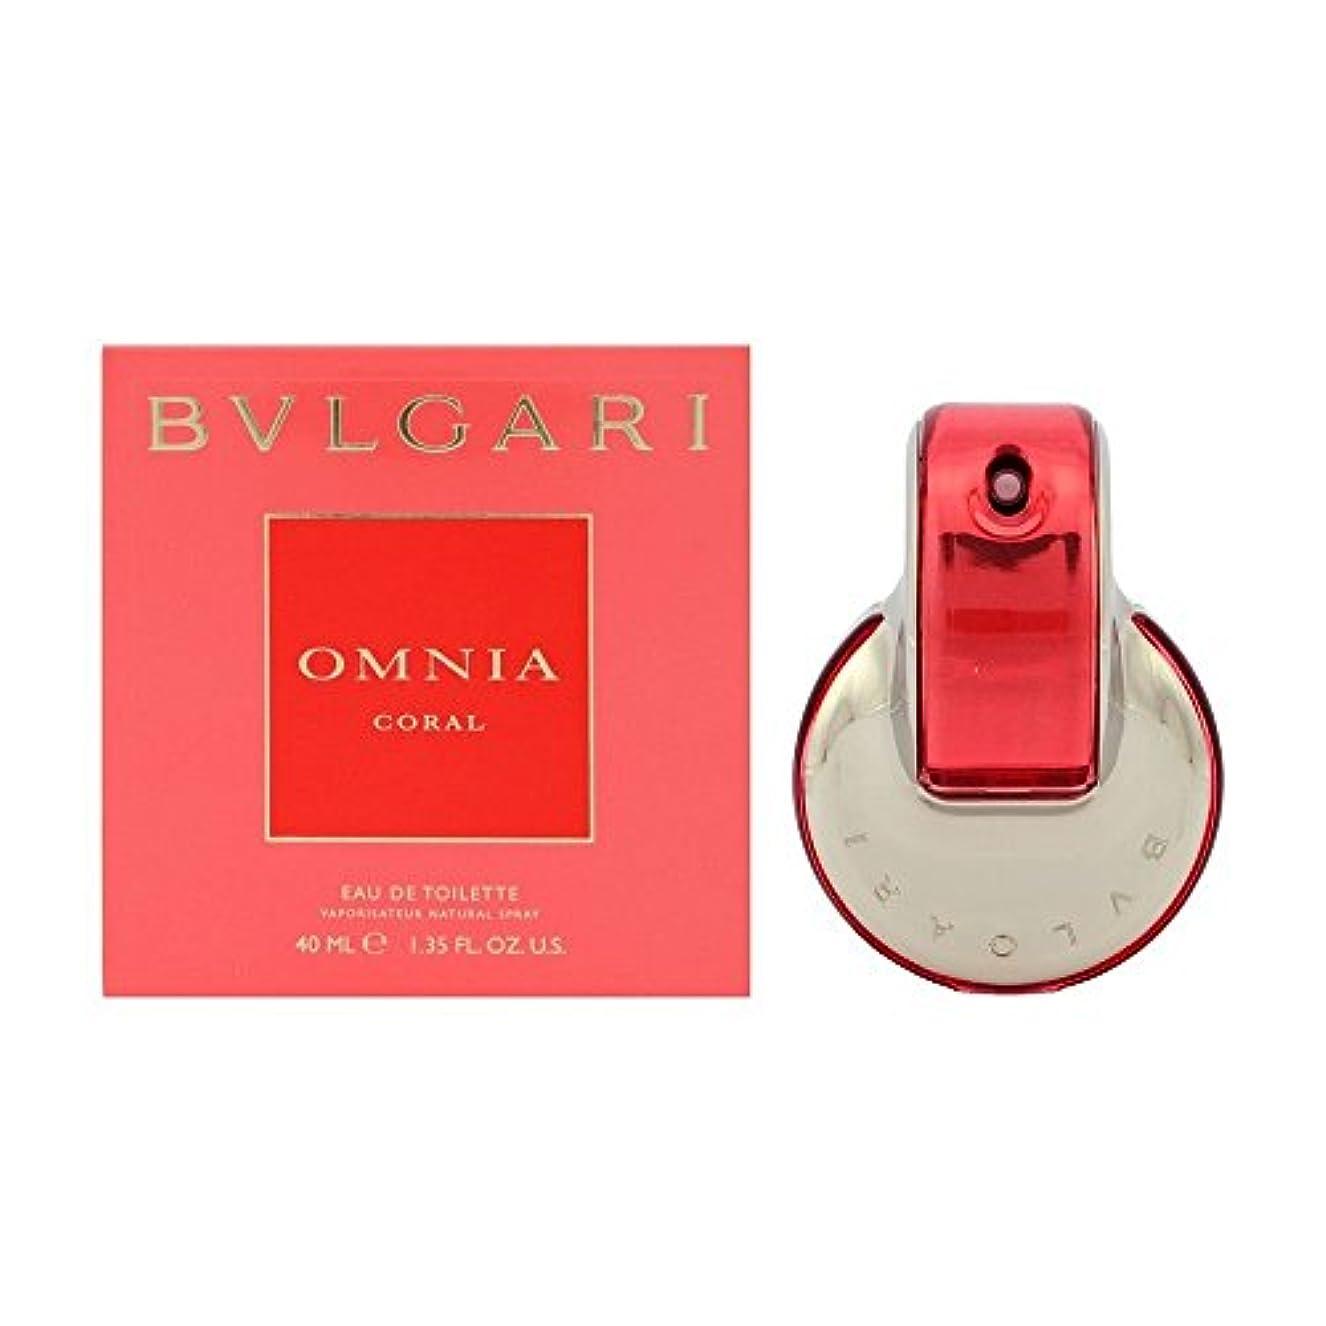 応じる労働者予測子BVLGARI オムニア コーラル レディース 香水 ET/SP/40ml 4033-BV-40 [並行輸入品]